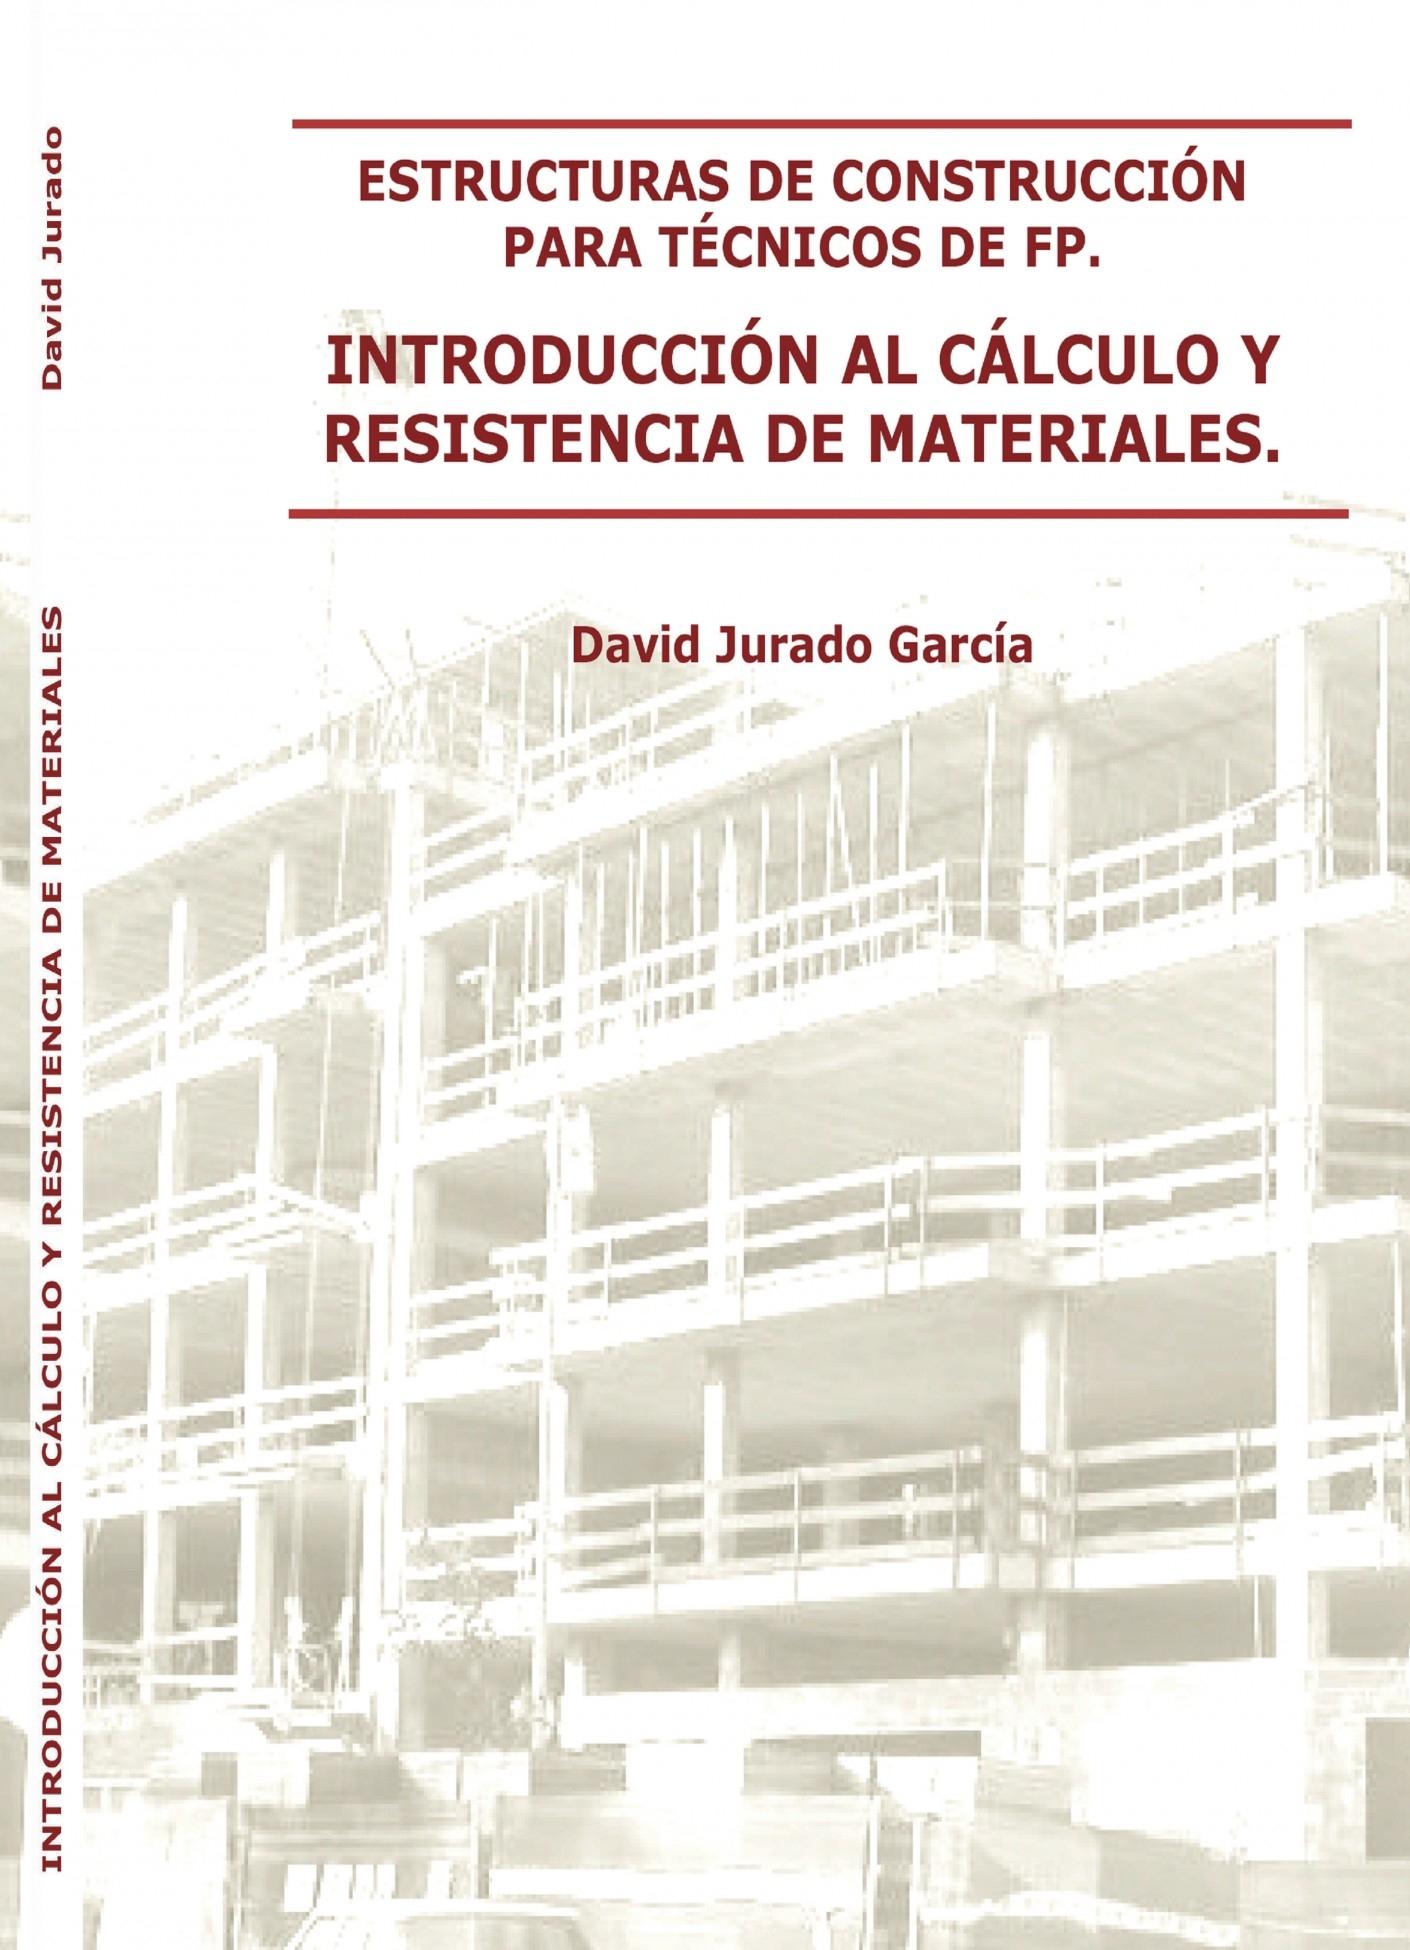 Estructuras De Construcción Para Técnicos De Fp Introducción Al Cálculo Y Resistencia De Materiales